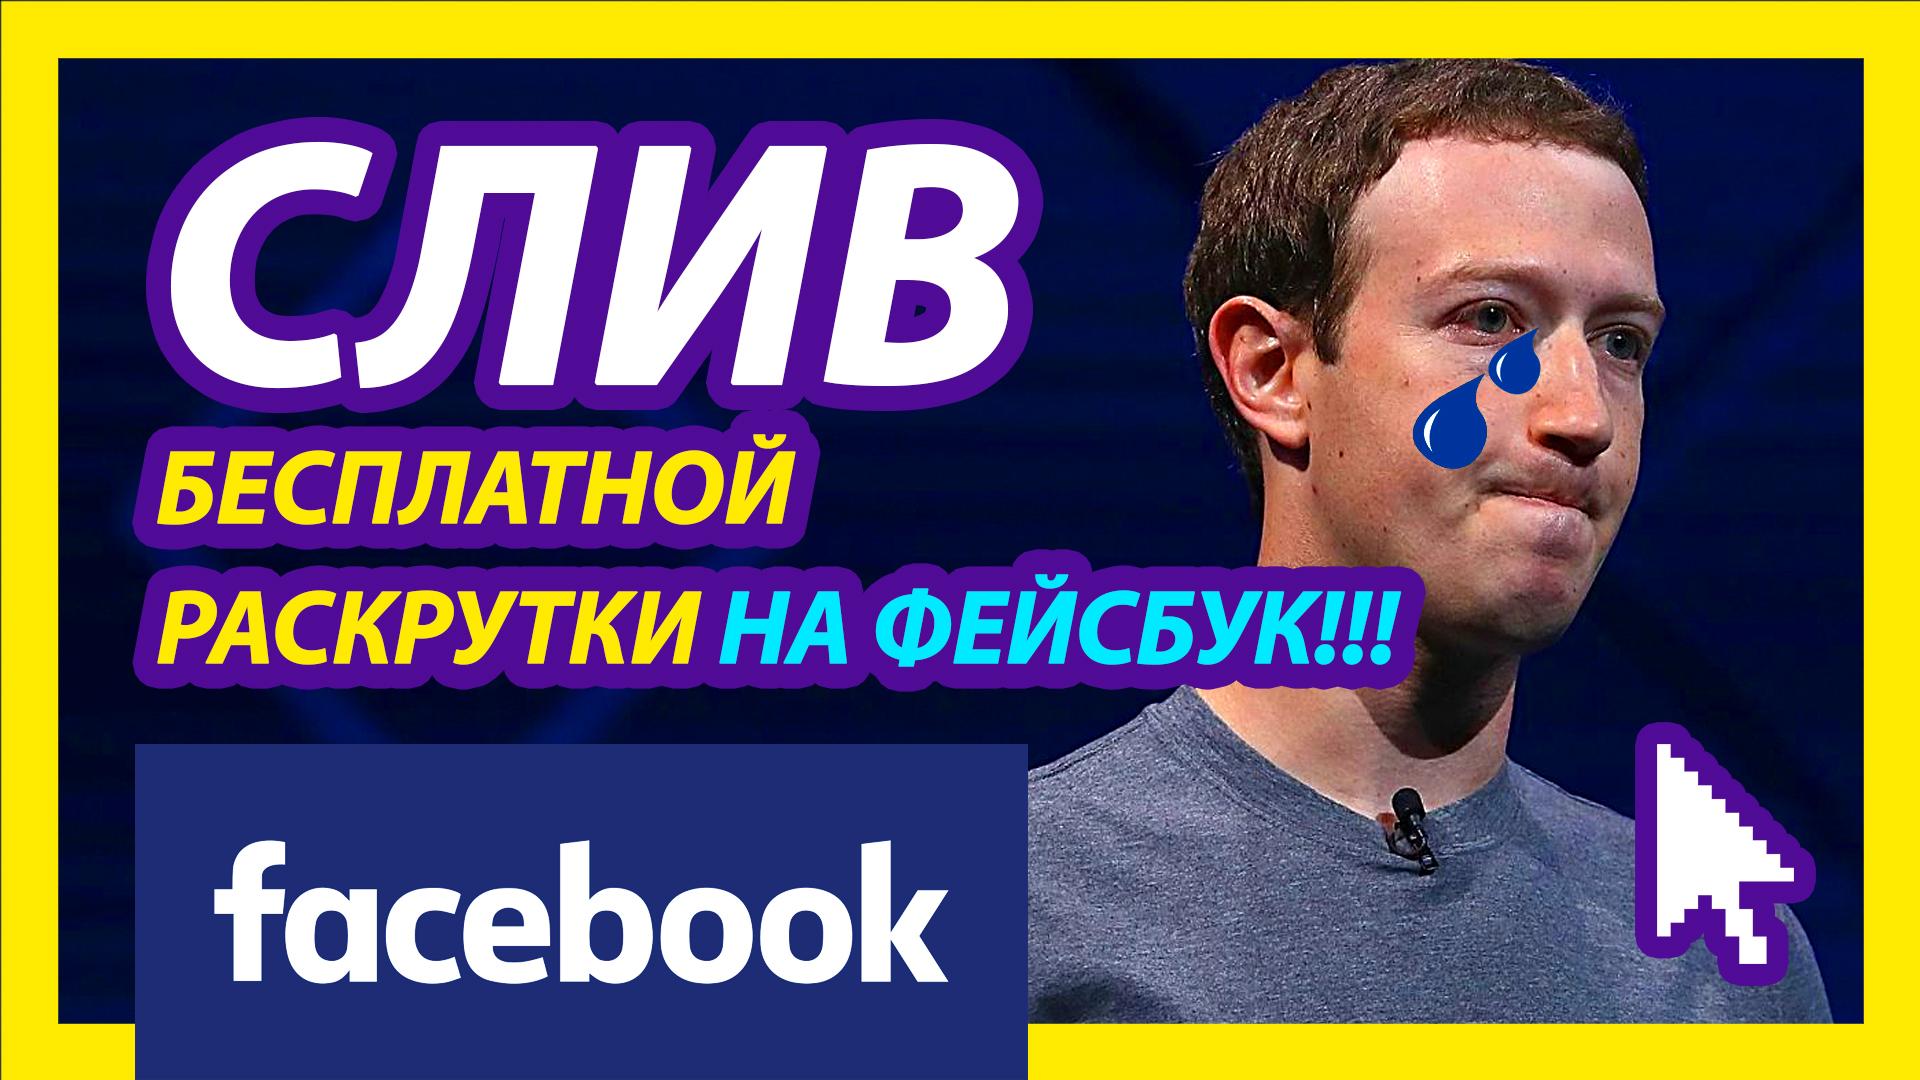 ВИДЕО: БЕСПЛАТНАЯ РАСКРУТКА групп на фейсбук самостоятельно! Как продвинуть и заработать в интернете?